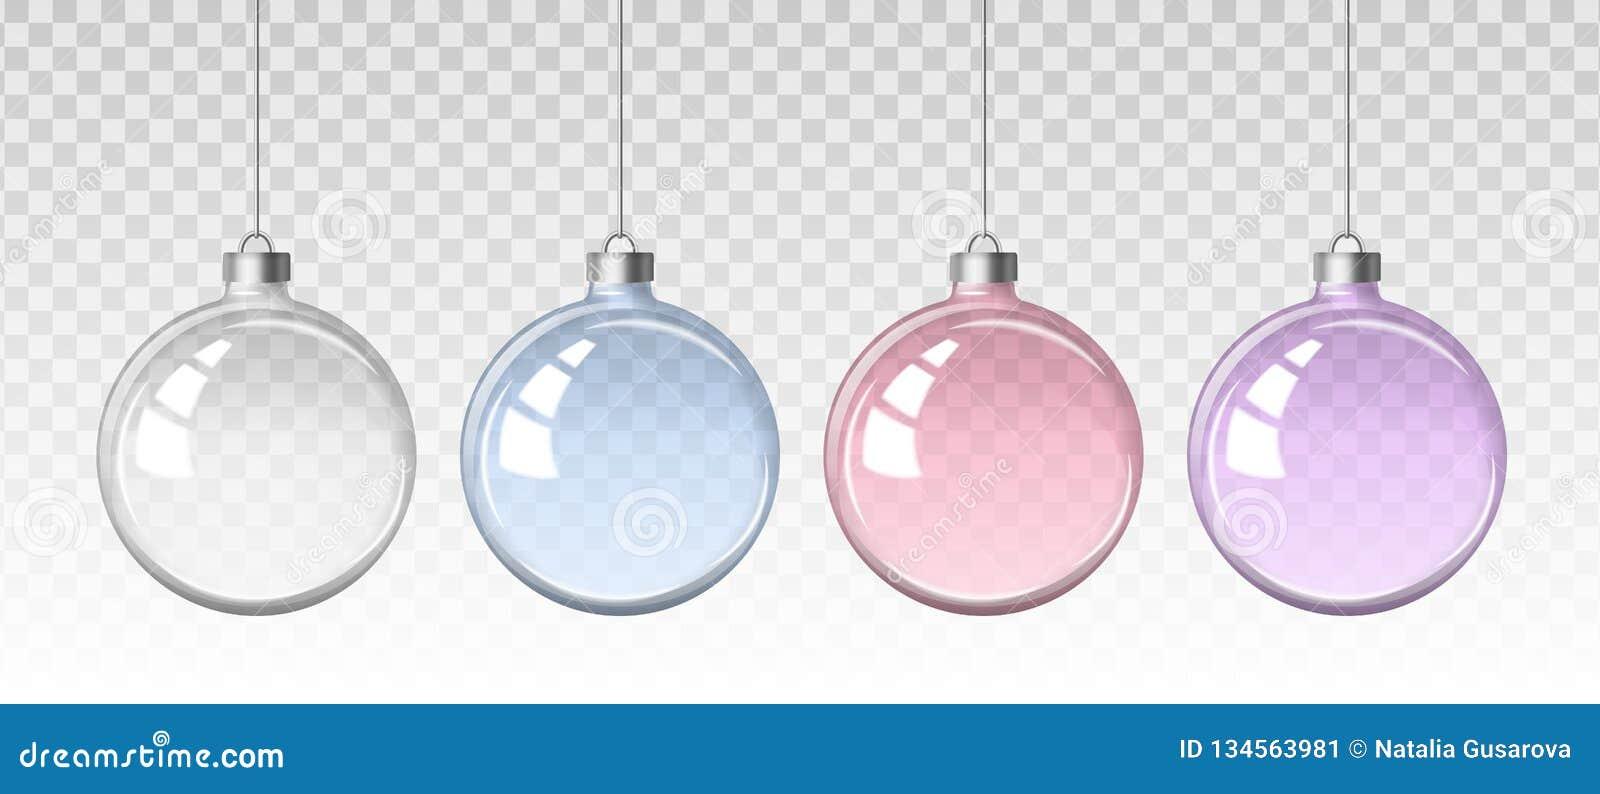 Wektorowy realistyczny set wizerunki szklane przejrzyste Bożenarodzeniowe piłki